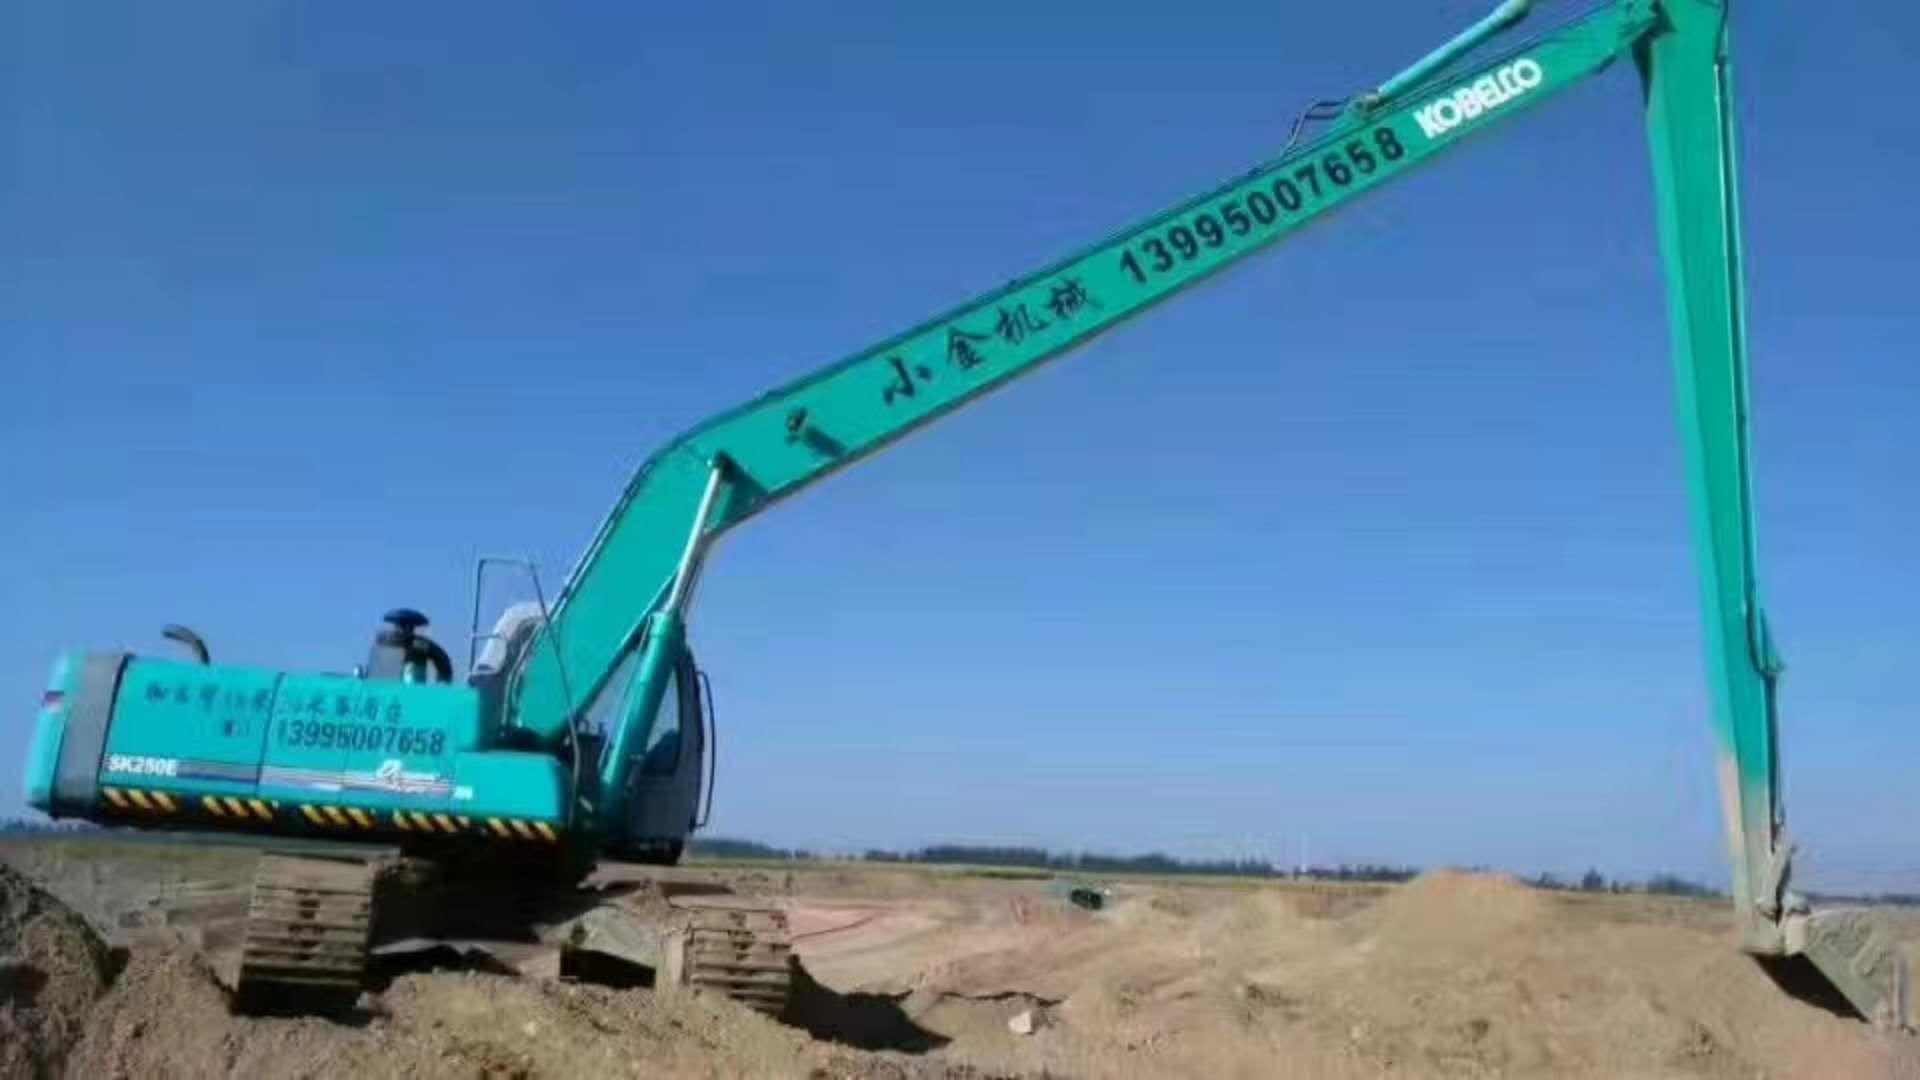 價位合理的加長臂挖掘機,小金機械傾力推薦-寧夏挖掘機租賃